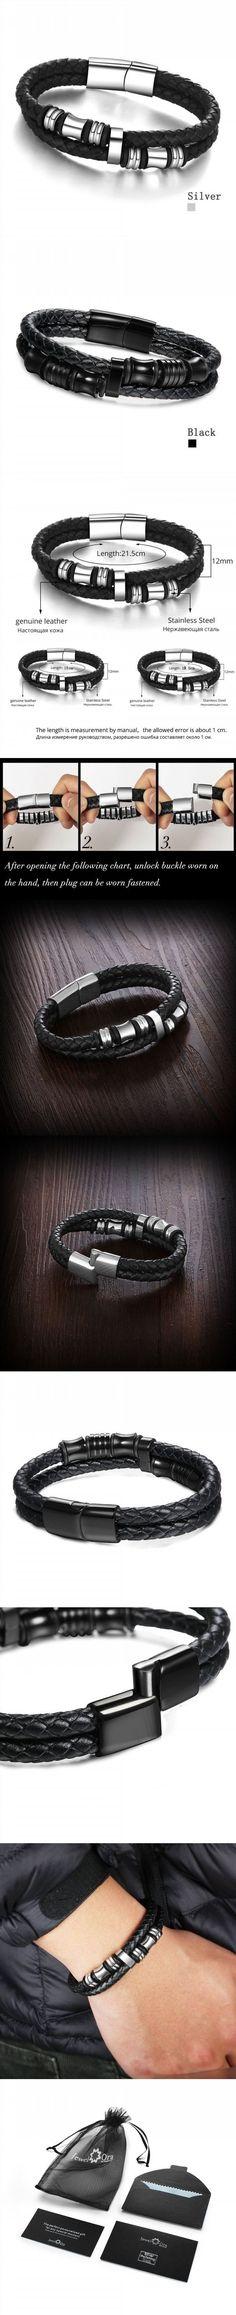 Stainless Steel Men Bracelet Genuine Leather Bracelets & Bangles Man Jewelry 185mm 200mm 215mm (JewelOra BA101174)